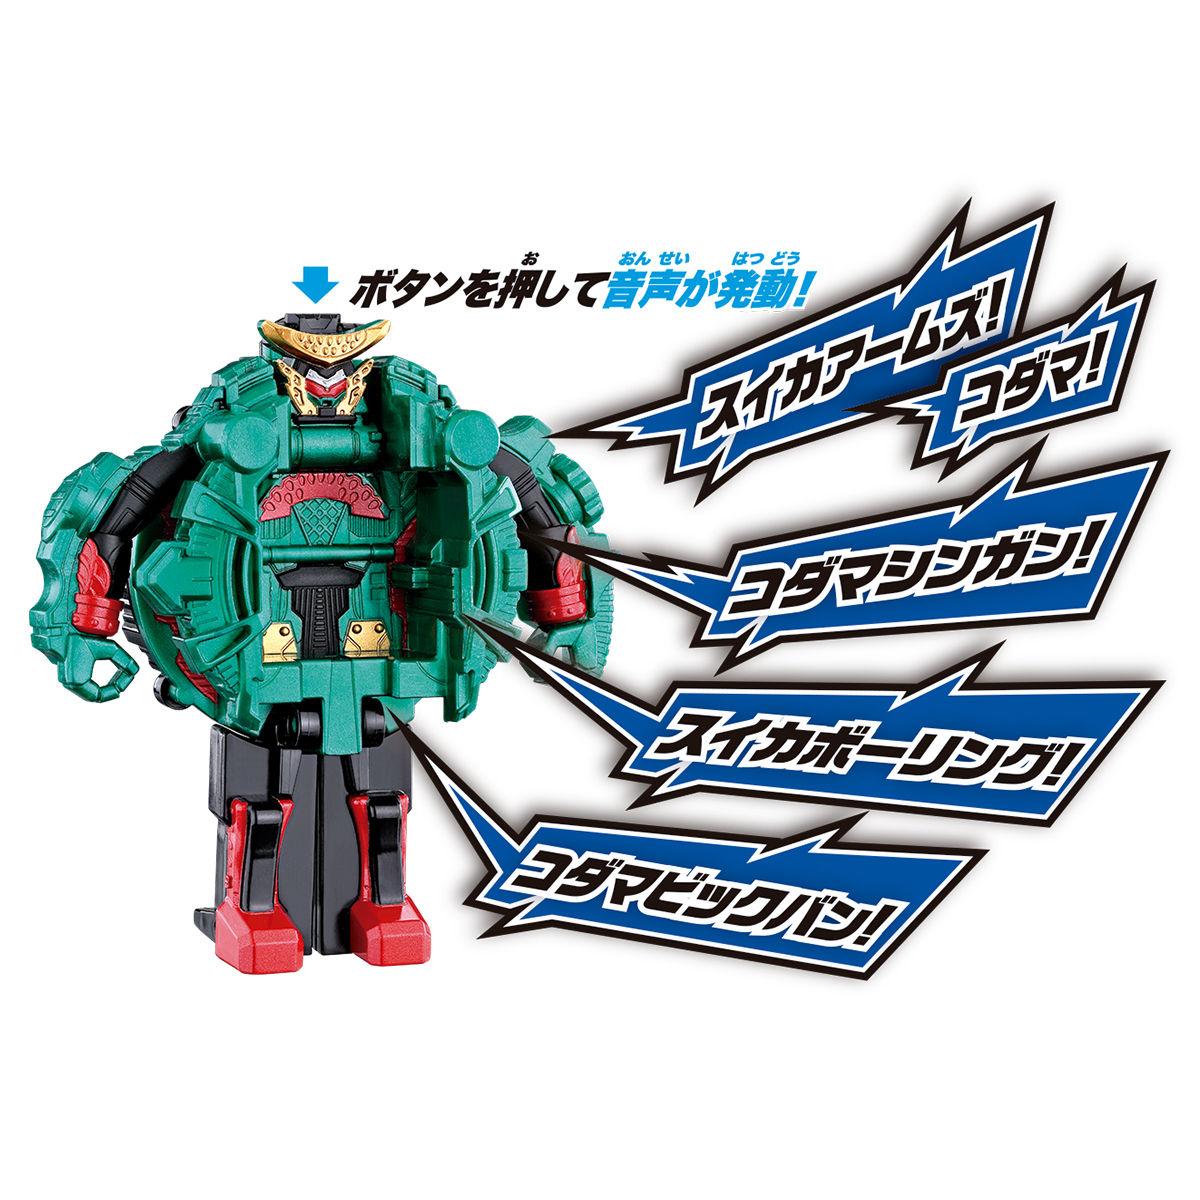 ライドガジェットシリーズ『DXコダマスイカアームズ』仮面ライダージオウ 変身なりきり-004